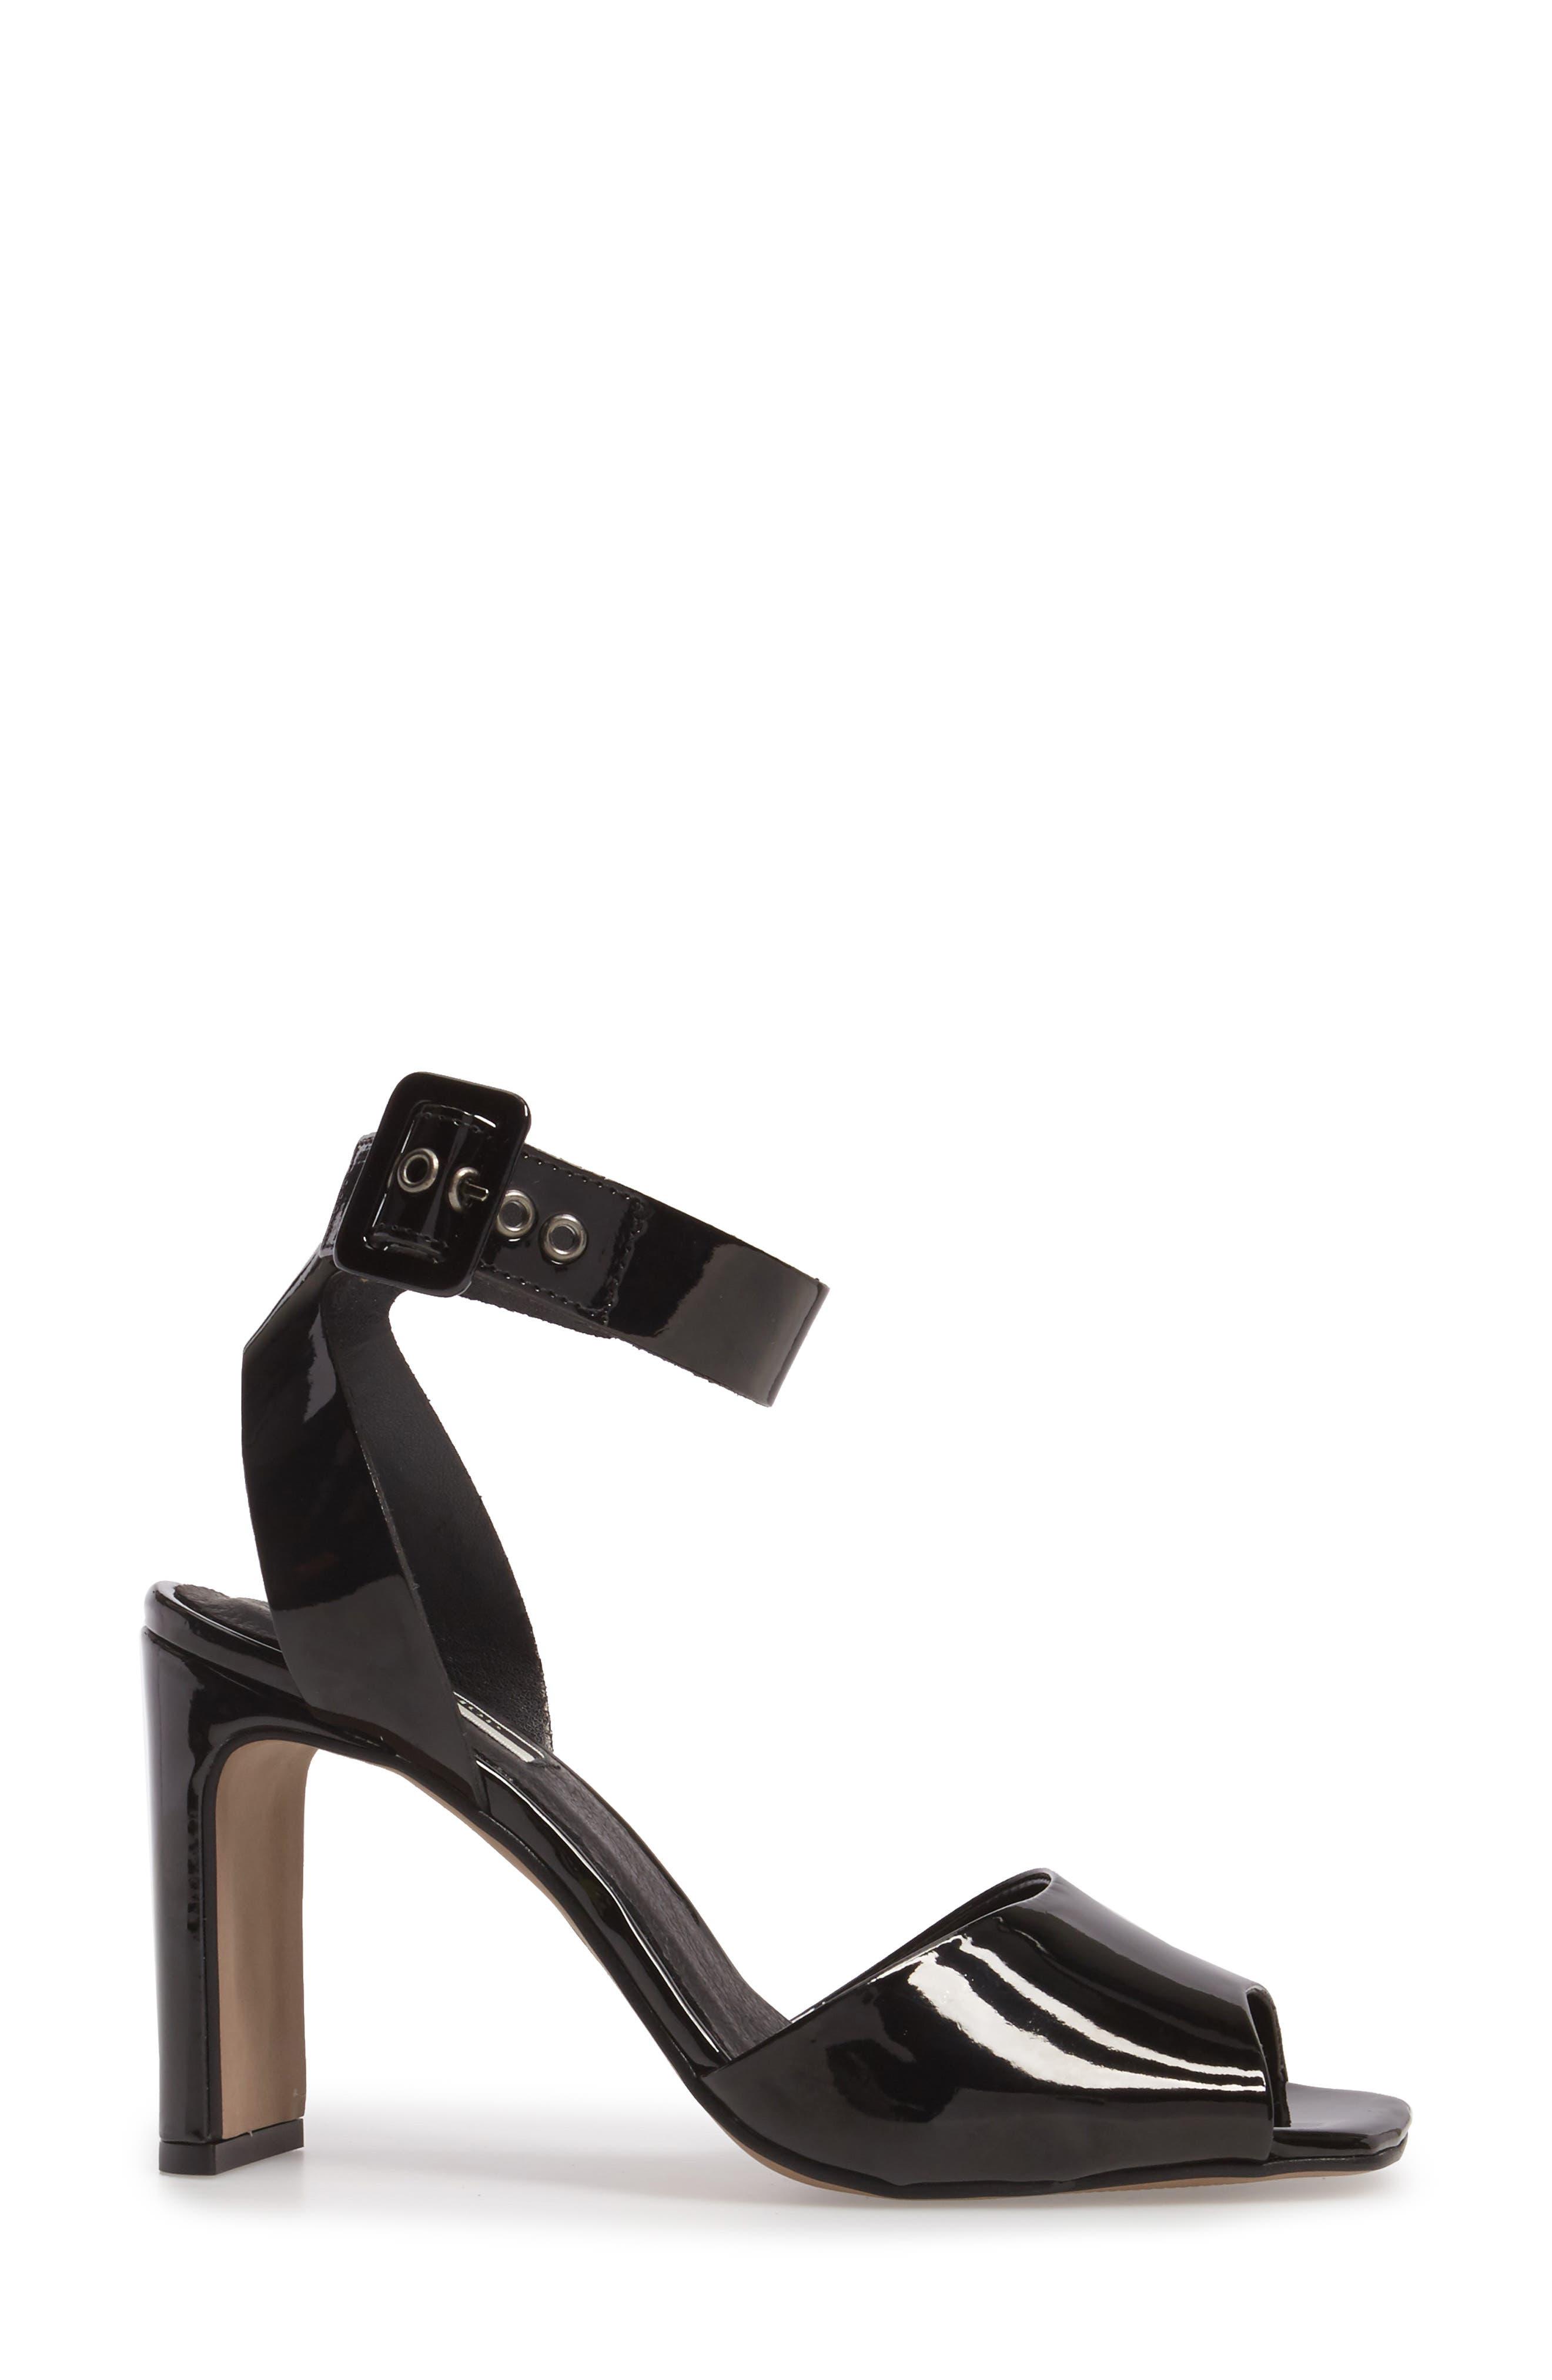 Roux Square Toe Sandal,                             Alternate thumbnail 3, color,                             Black